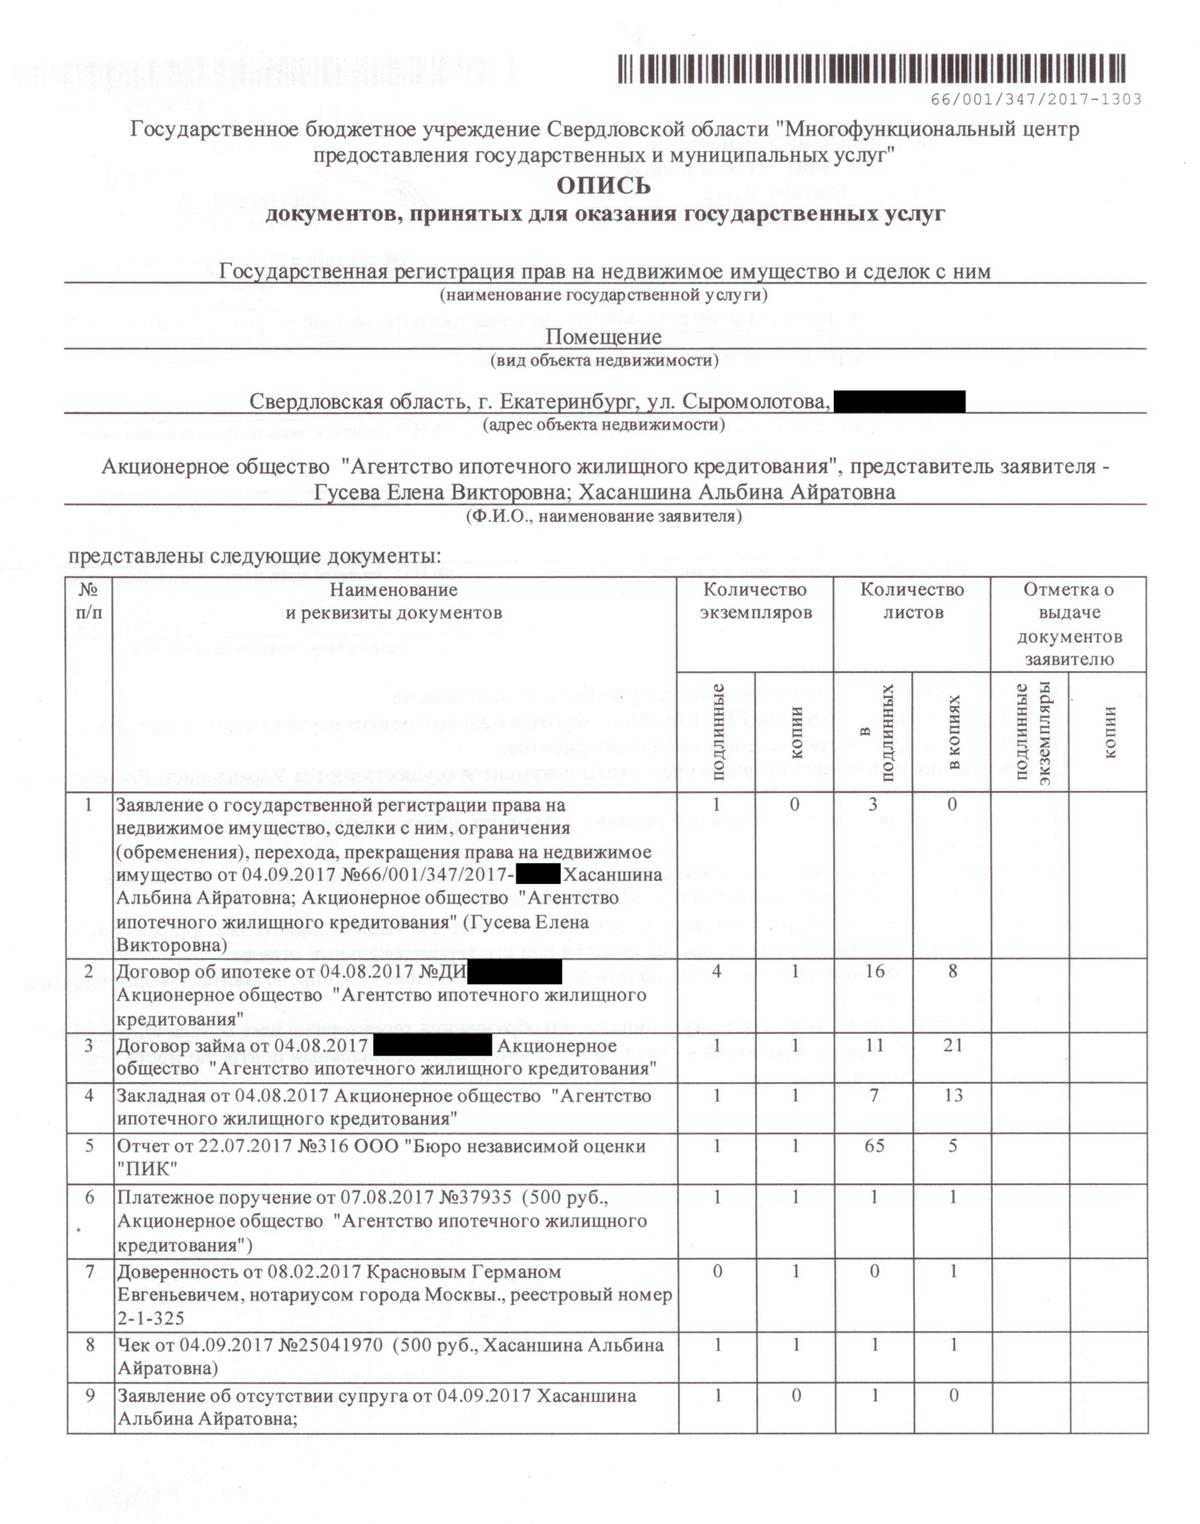 Чтобы передать квартиру в залог новому банку, я предоставила в МФЦ документы по списку